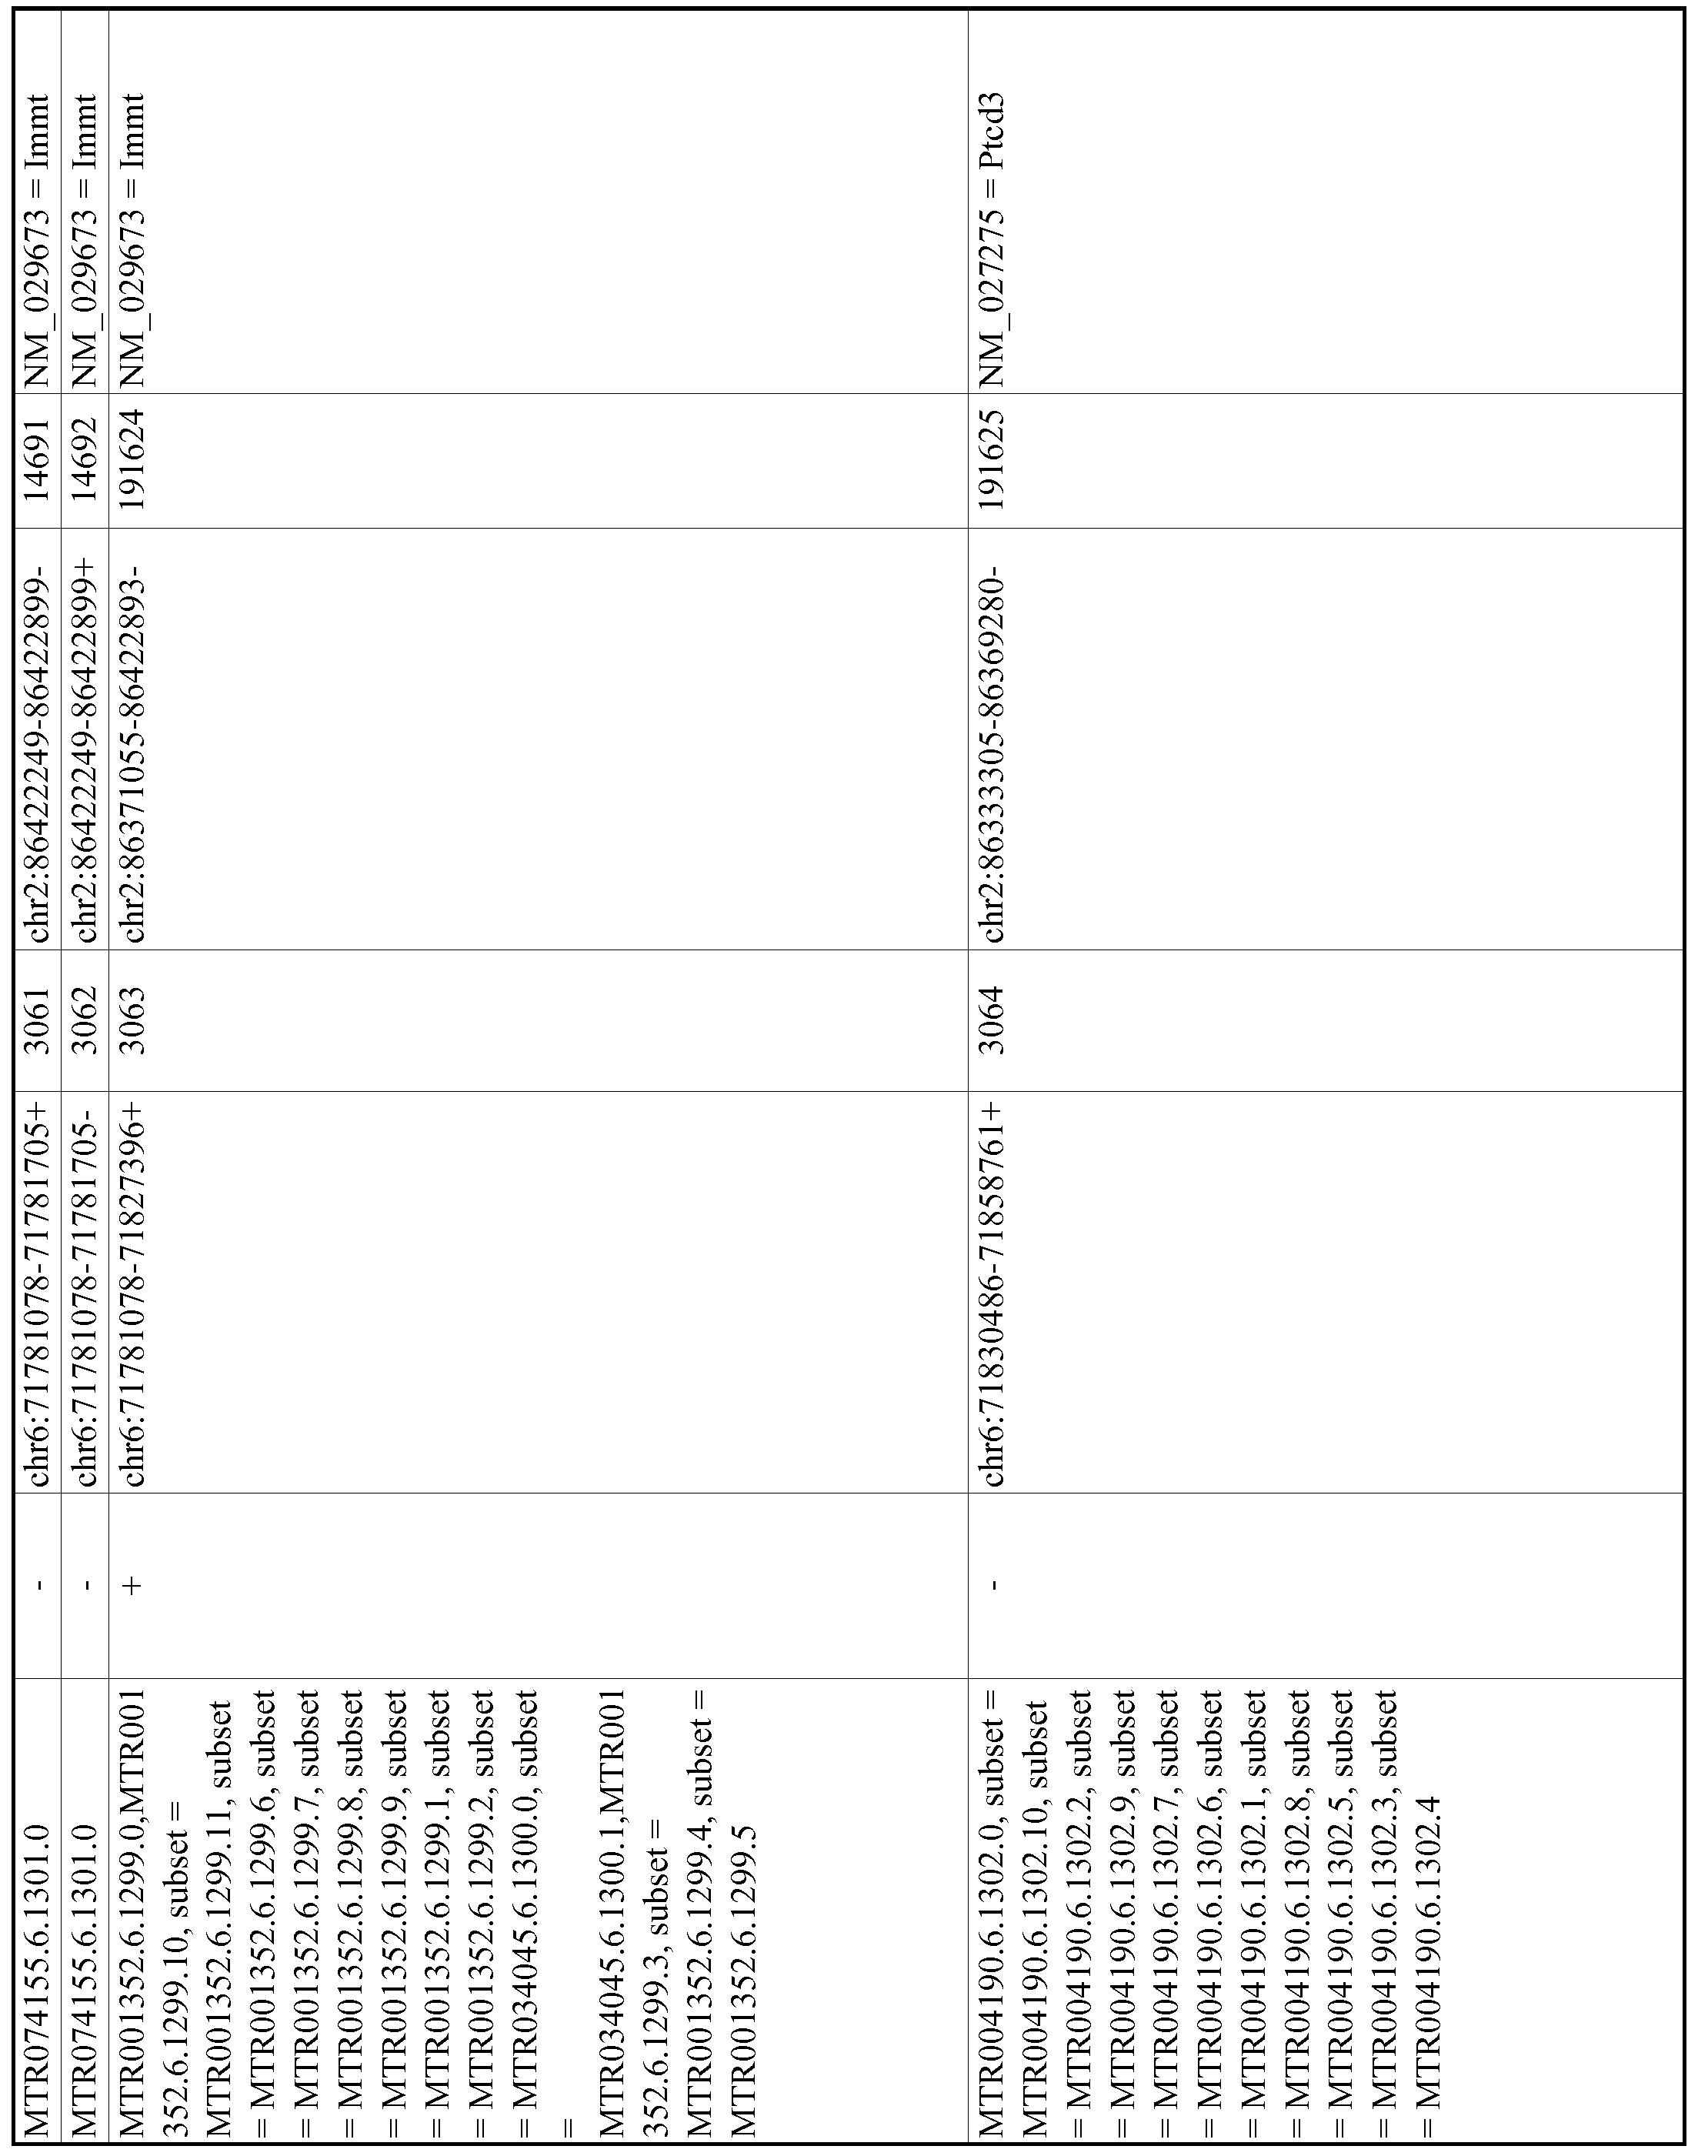 Figure imgf000611_0001